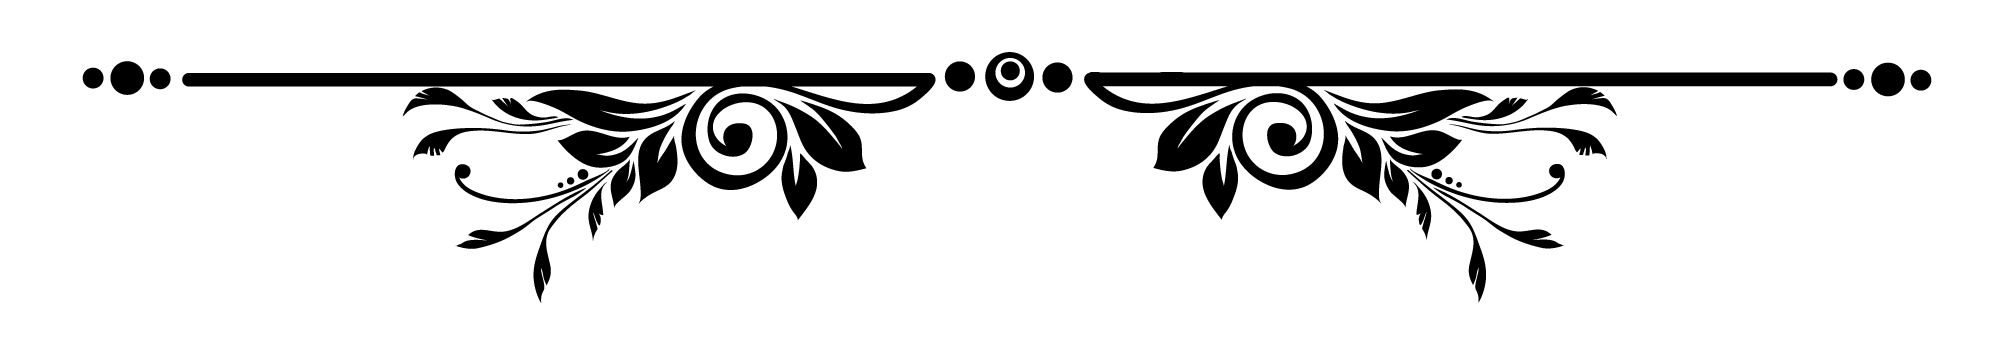 mount iso image ubuntu 12 10 8z0vwu